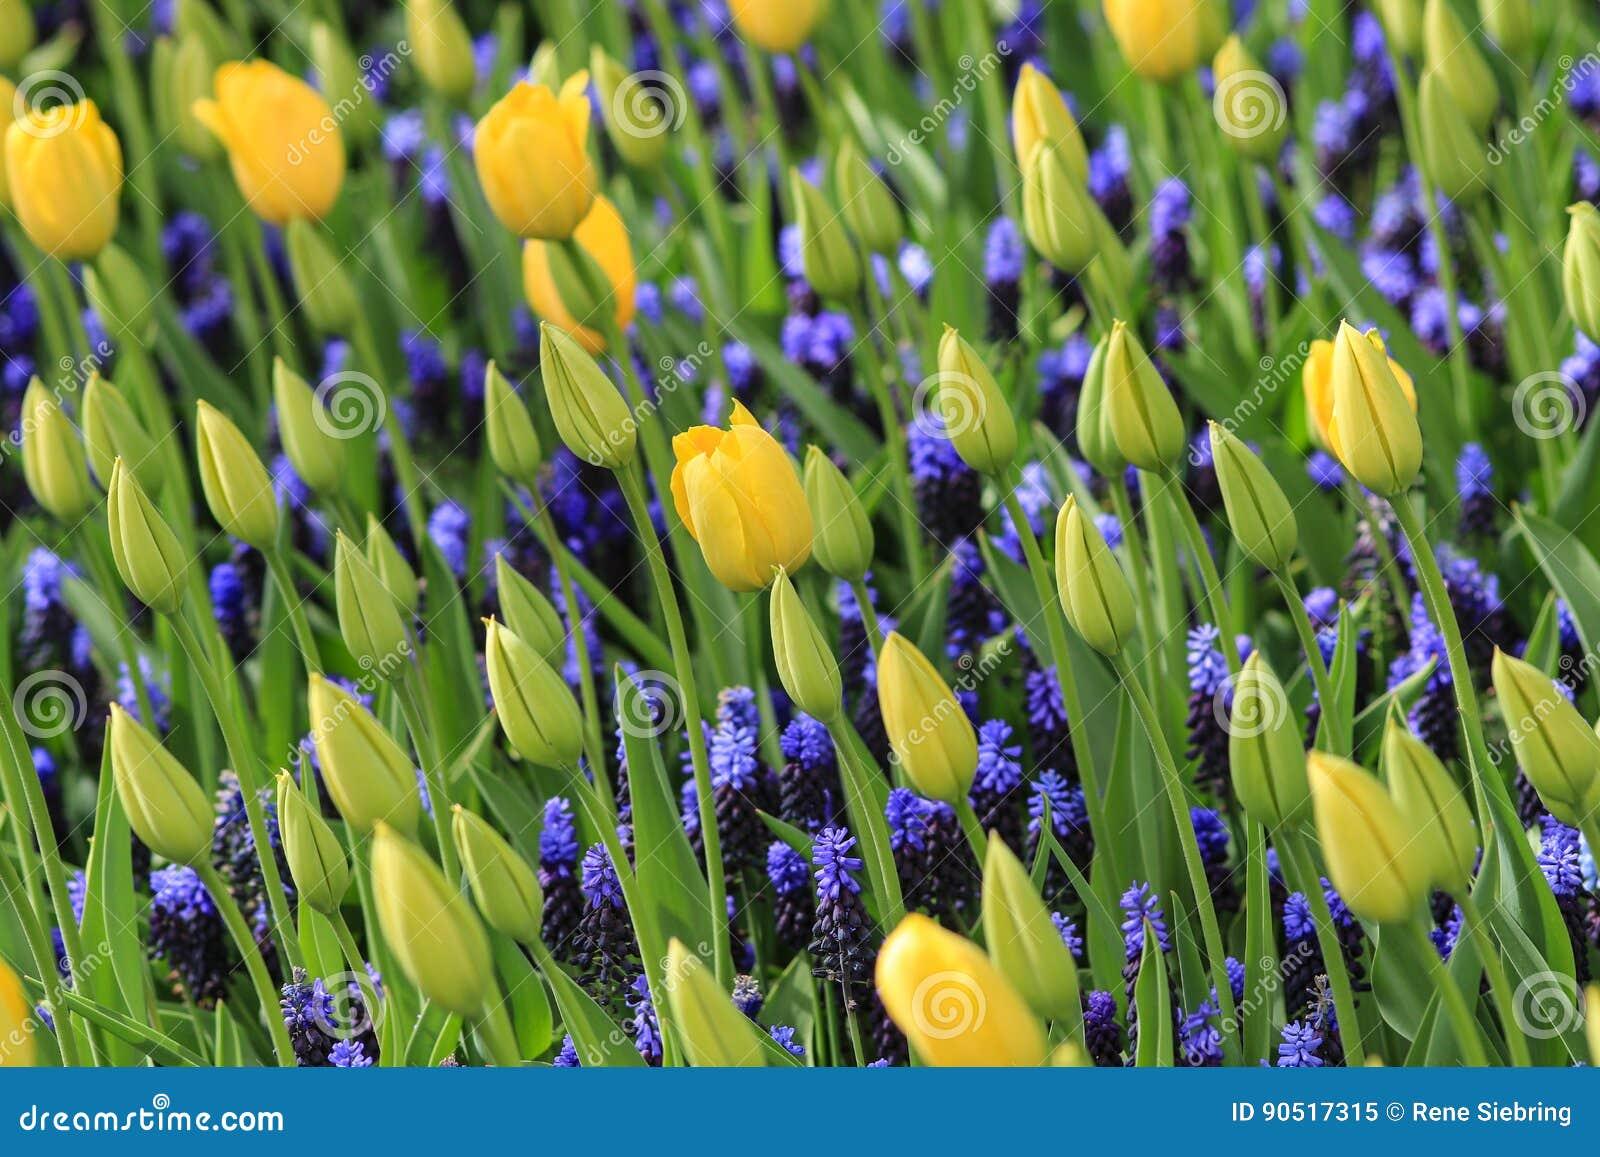 Tulipes jaunes et jacinthes de raisin bleues dans un domaine